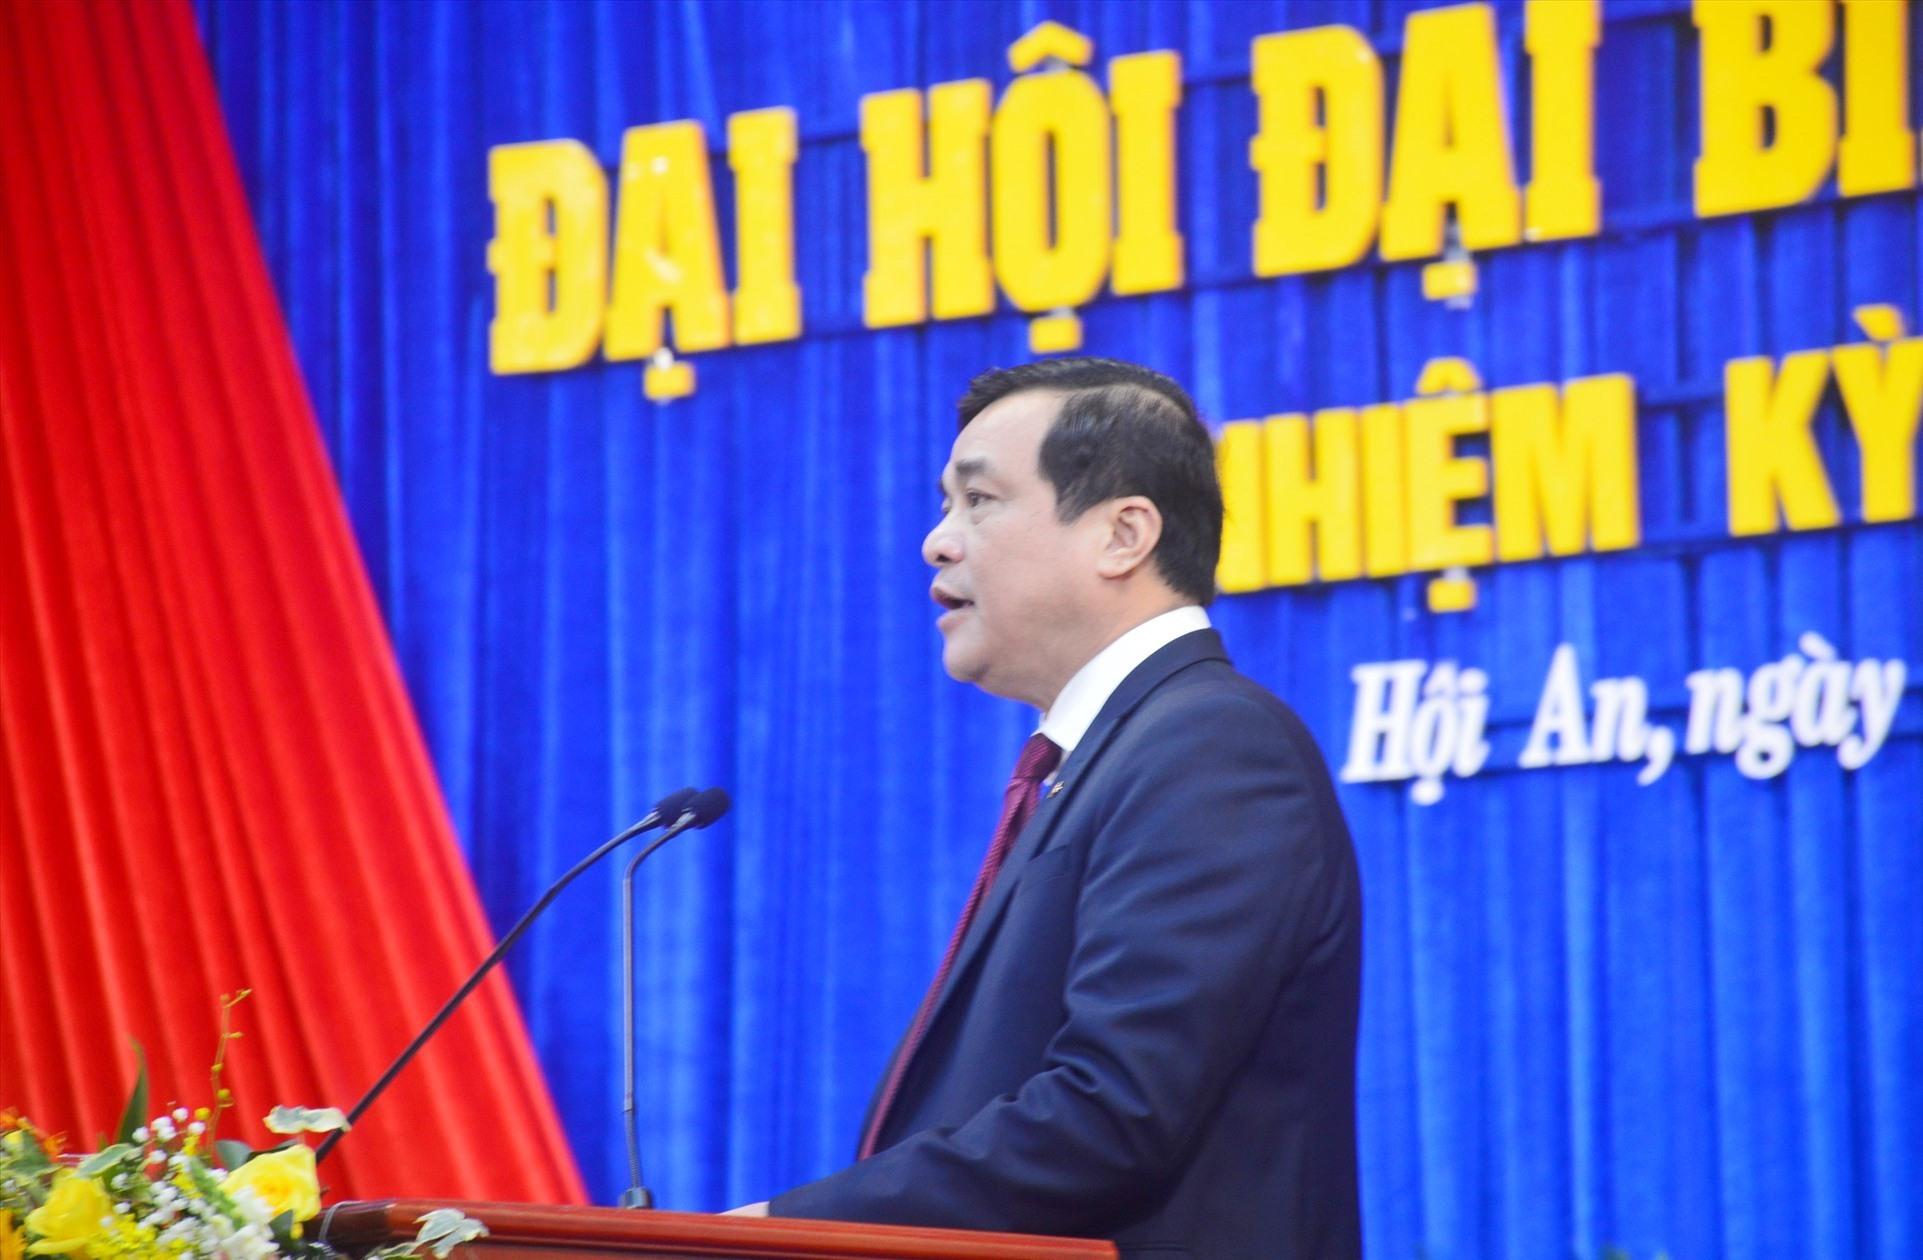 Bí thư Tỉnh ủy, Chủ tịch HĐND tỉnh Phan Việt Cường phát biểu chỉ đạo tại đại hội. Ảnh: Q.T